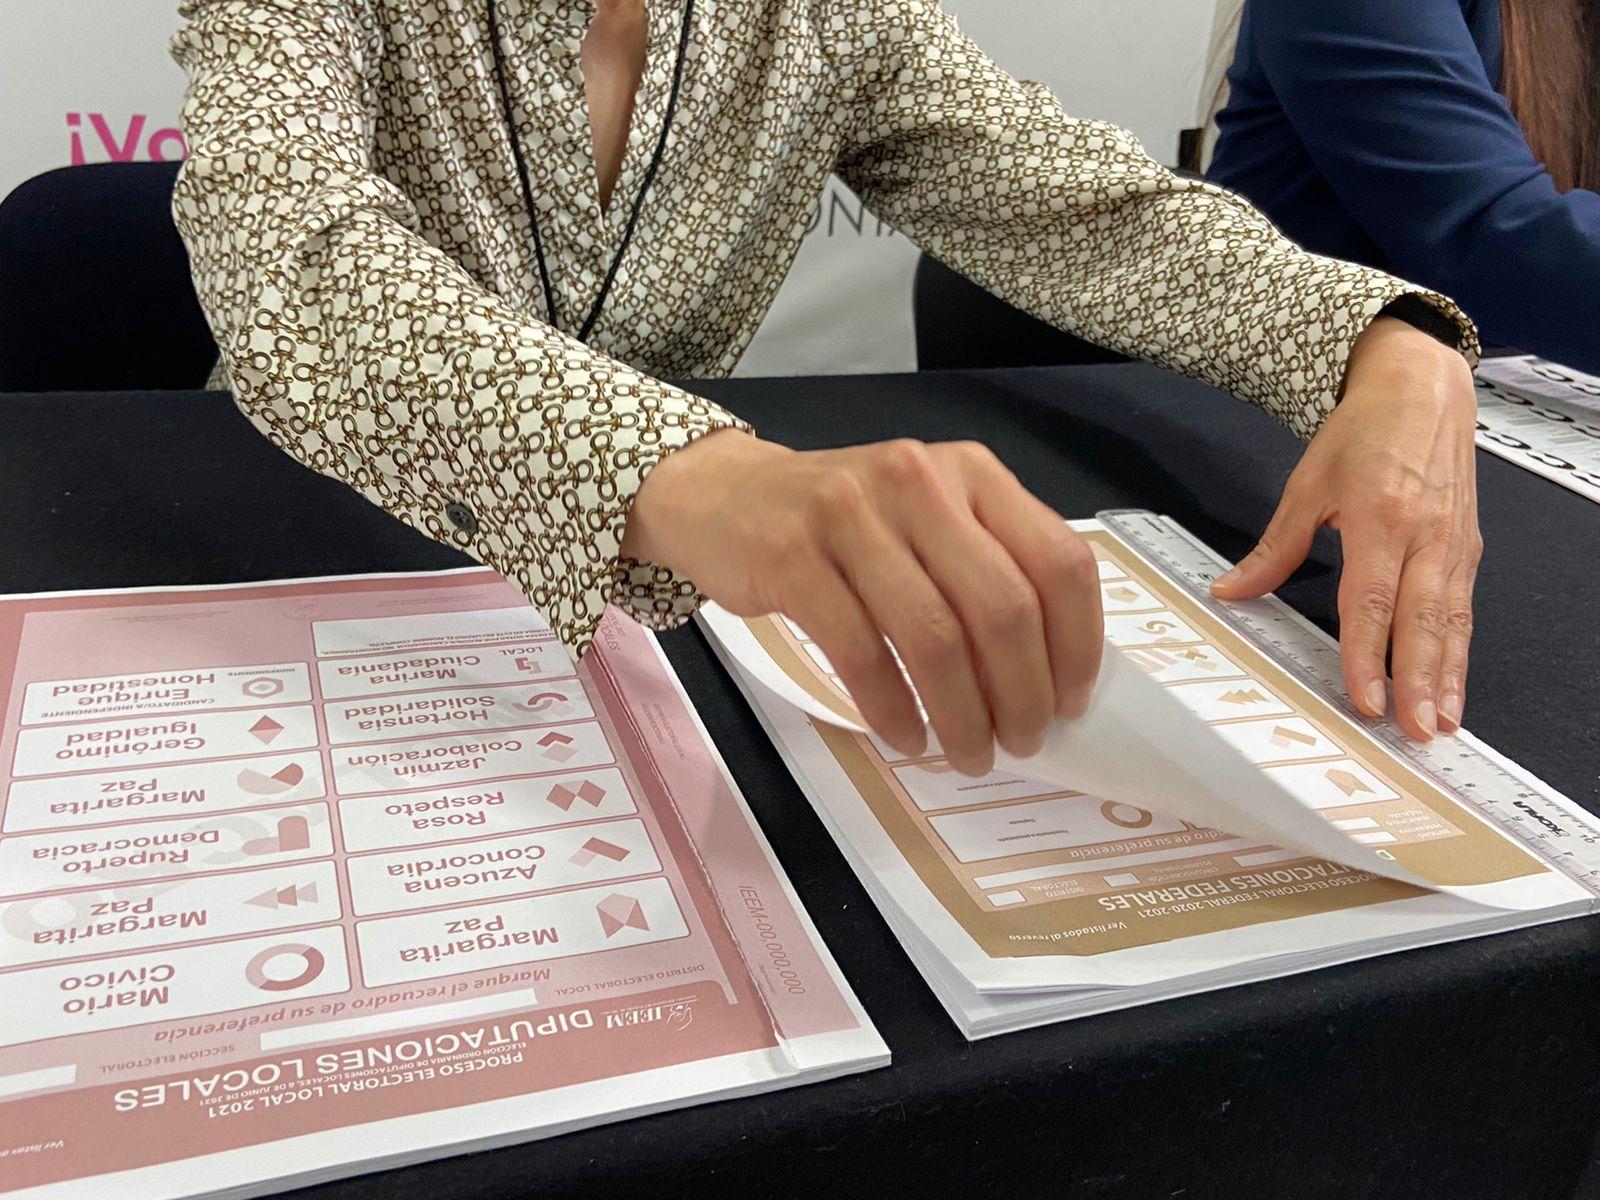 Con apoyo del personal de la Secretaría de Seguridad se trasladará el material electoral